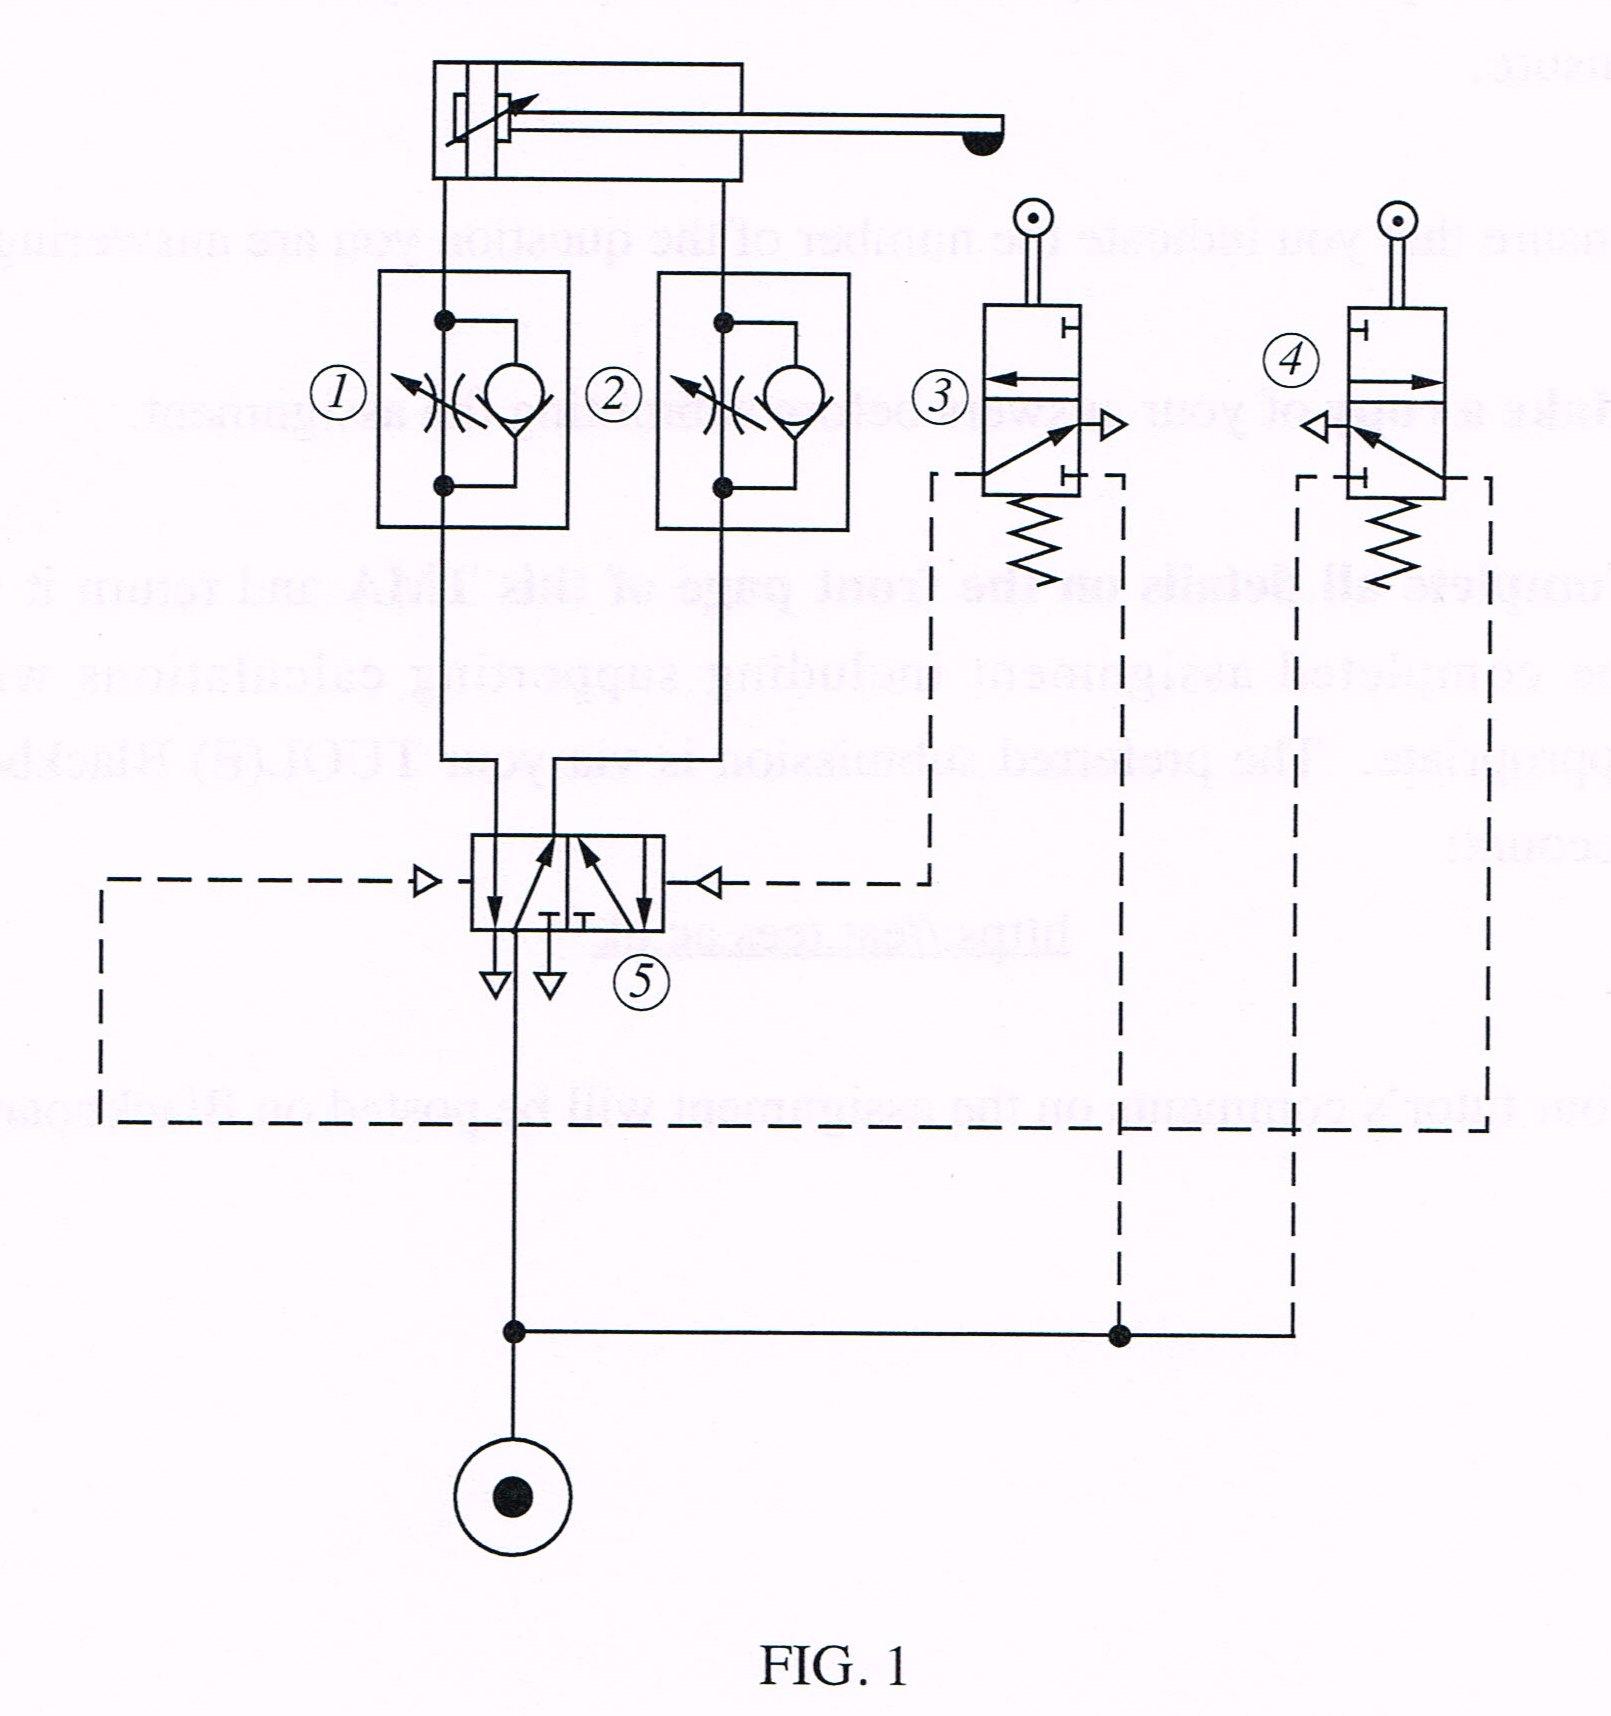 Schemat pneumatyczny ma szerokie spektrum zastosowania. Wykorzystywany jest w wielu dziedzinach pneumatyki. Warto wiedzieć, że jest on elementem wielu urządzeń codziennego użytku, np. ciśnieniowych ekspresów do kawy. Warto więc dowiedzieć się więcej na temat tego czym jest i na czym polega.